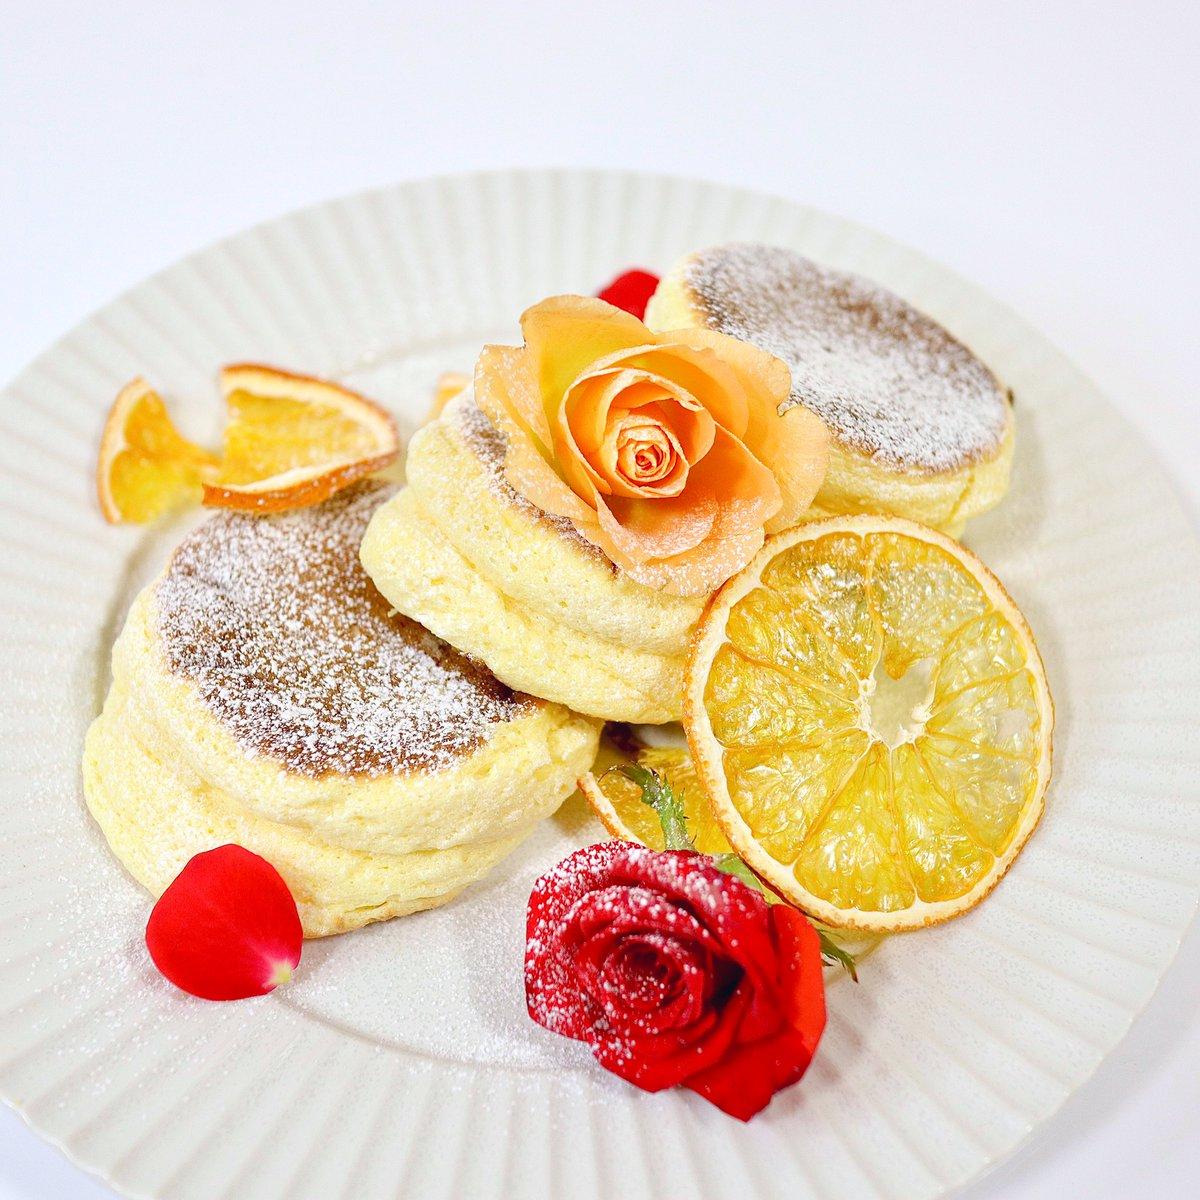 これは実践するべき!ホットケーキミックスでふわふわスフレパンケーキを作る方法!